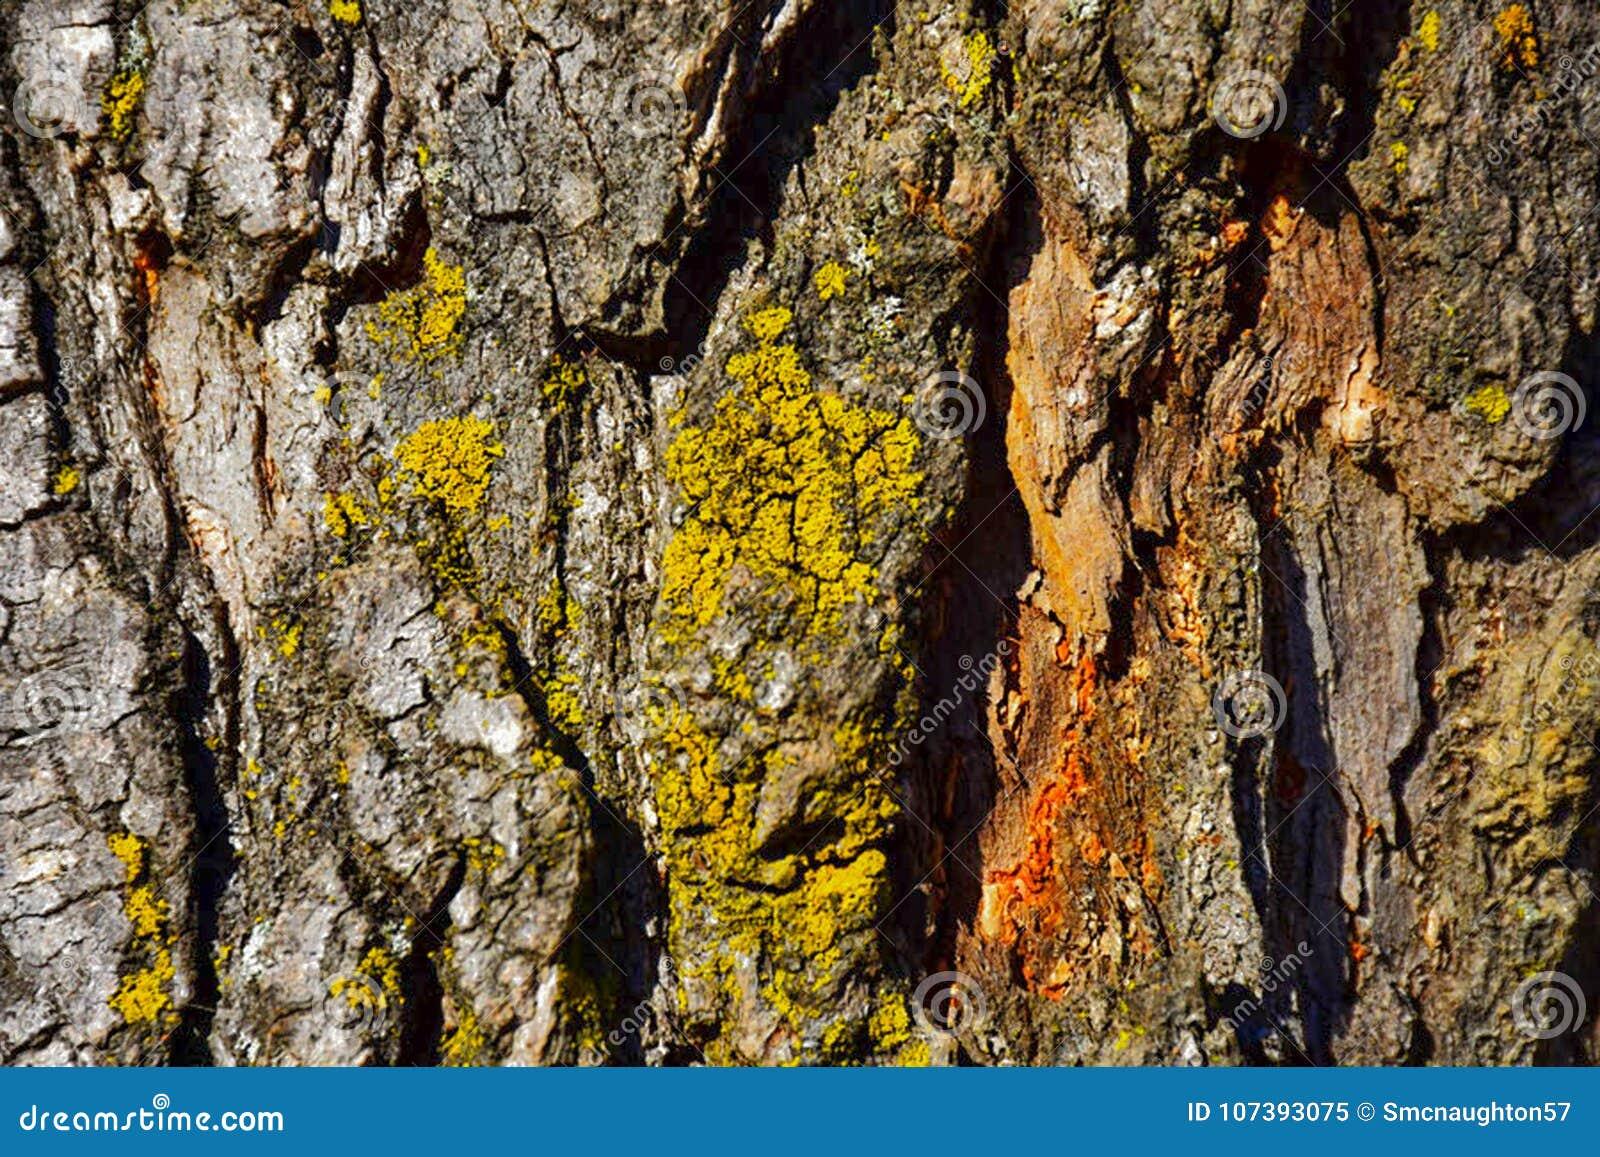 Текстура конца-вверх расшивы сосны с лишайником оранжевого камбия и желтого зеленого цвета